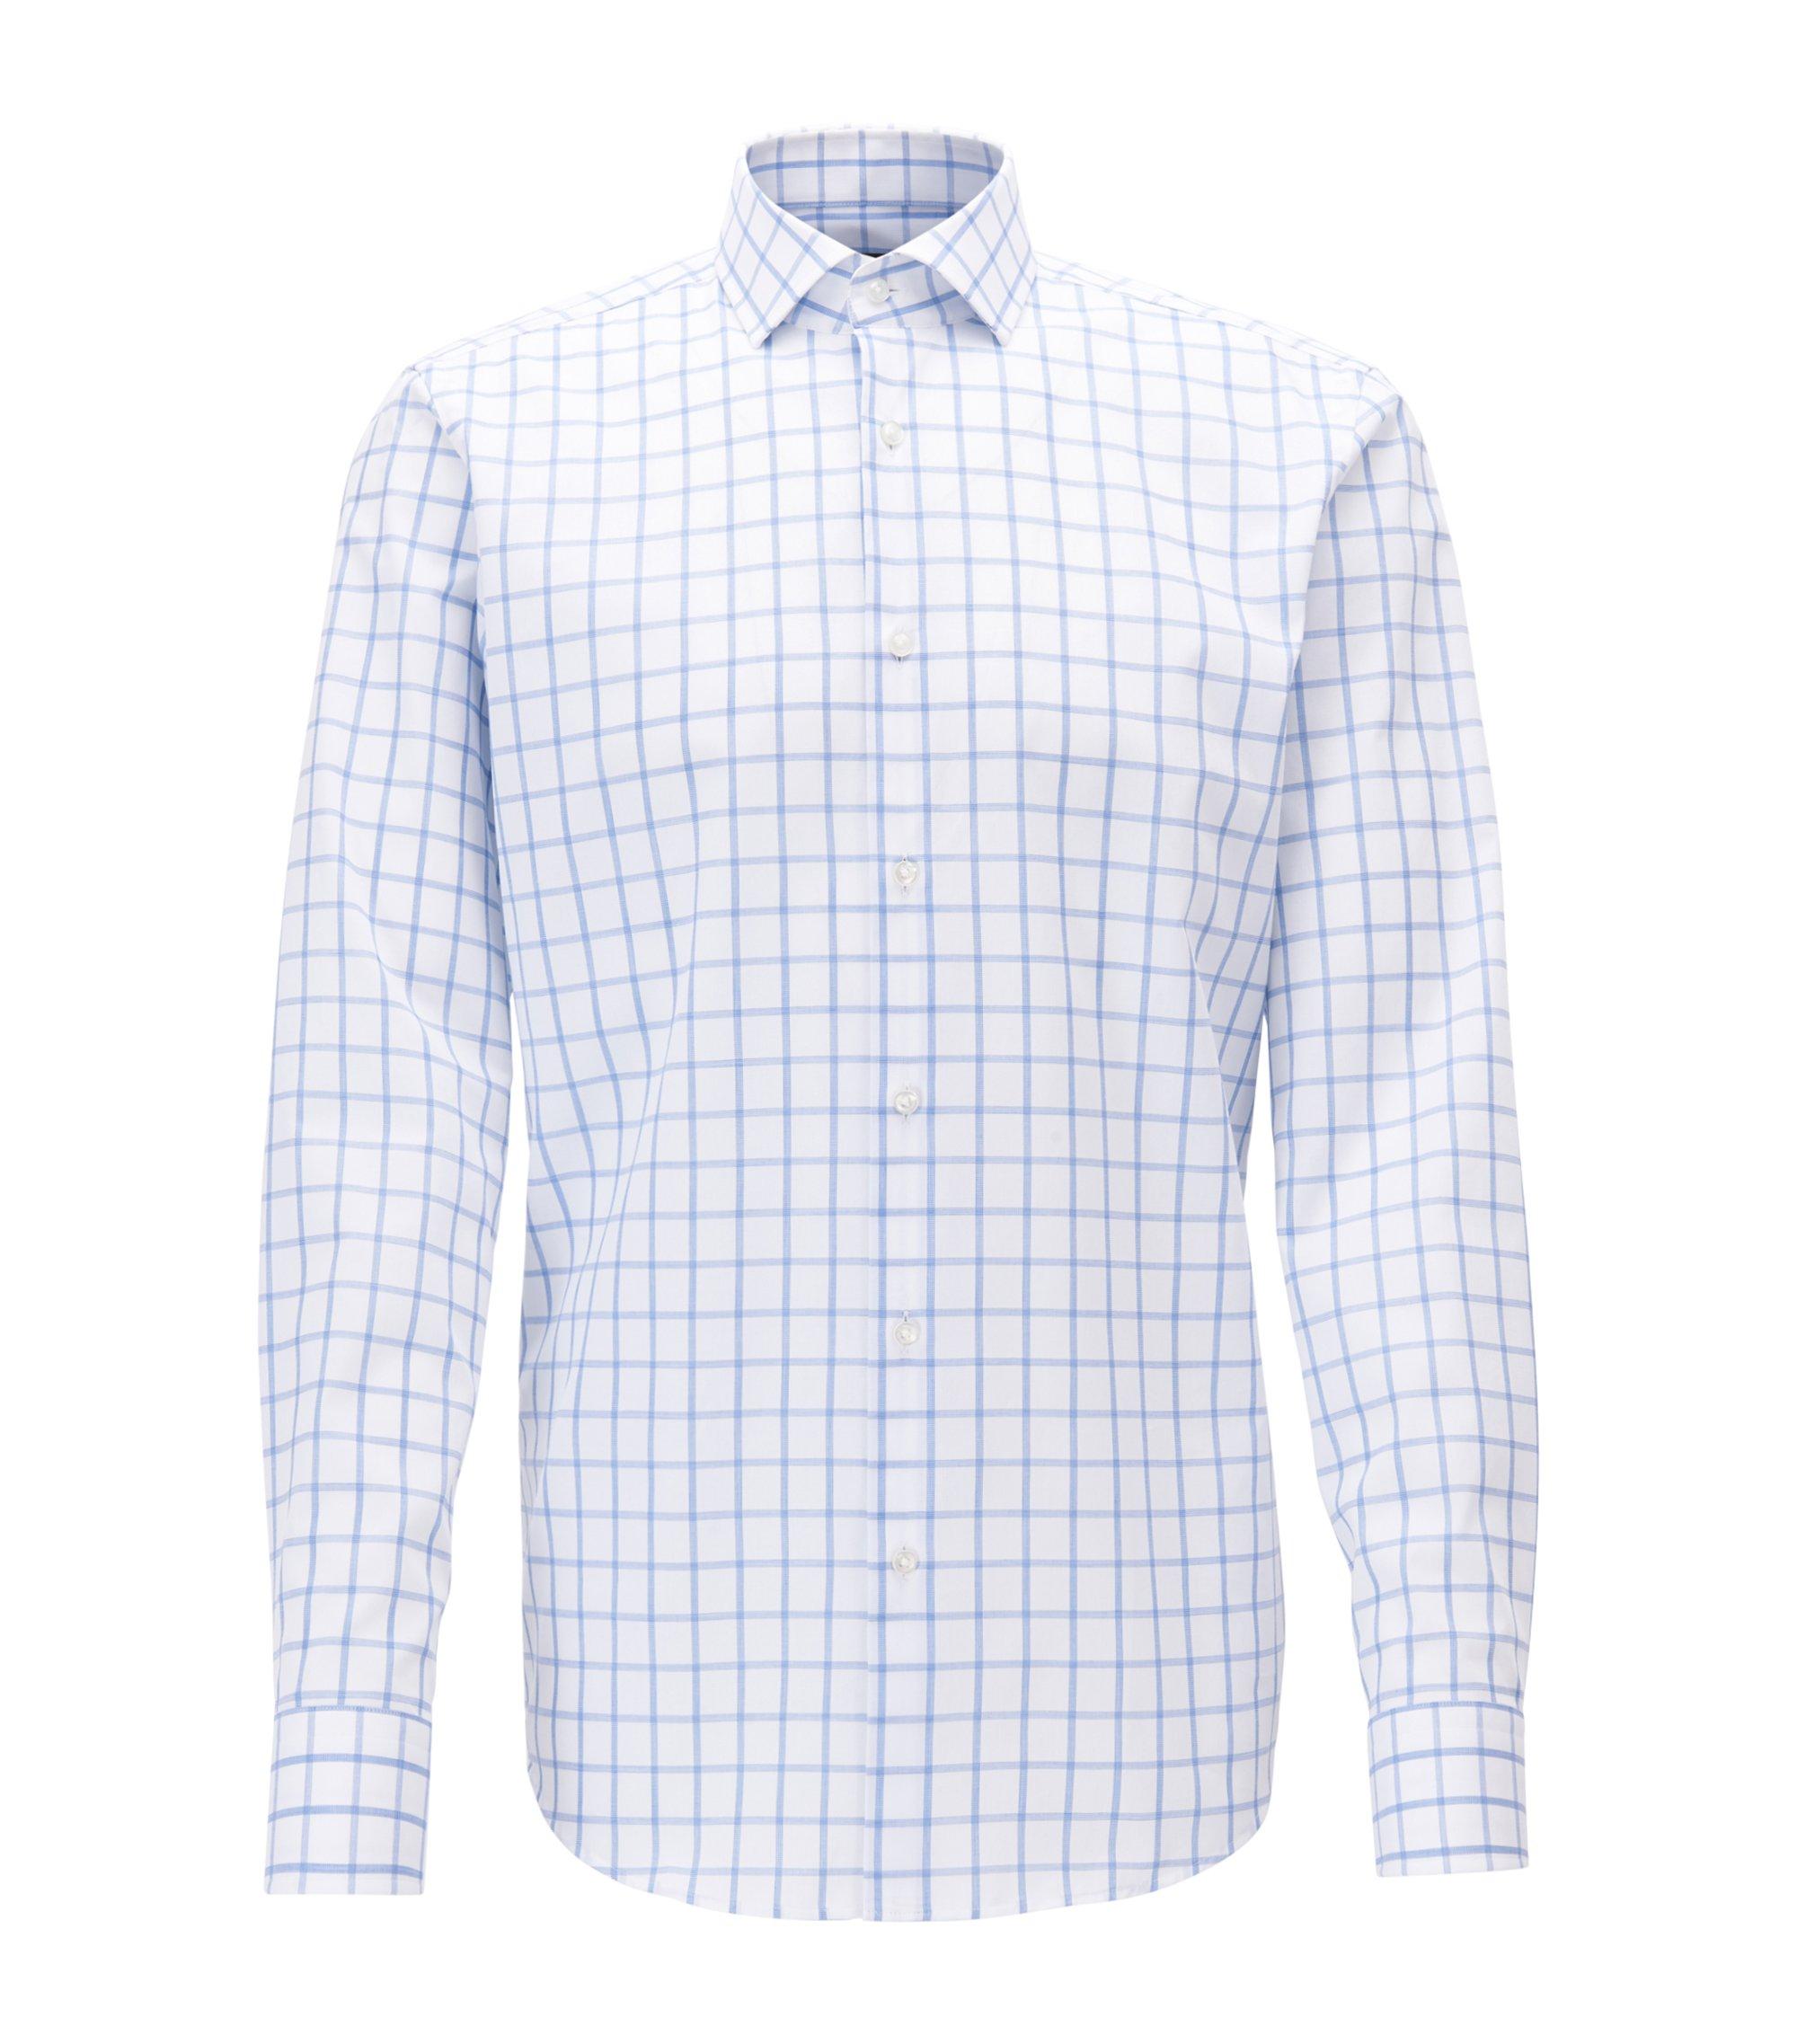 Regular-fit overhemd van katoen met ruitdessin, Blauw